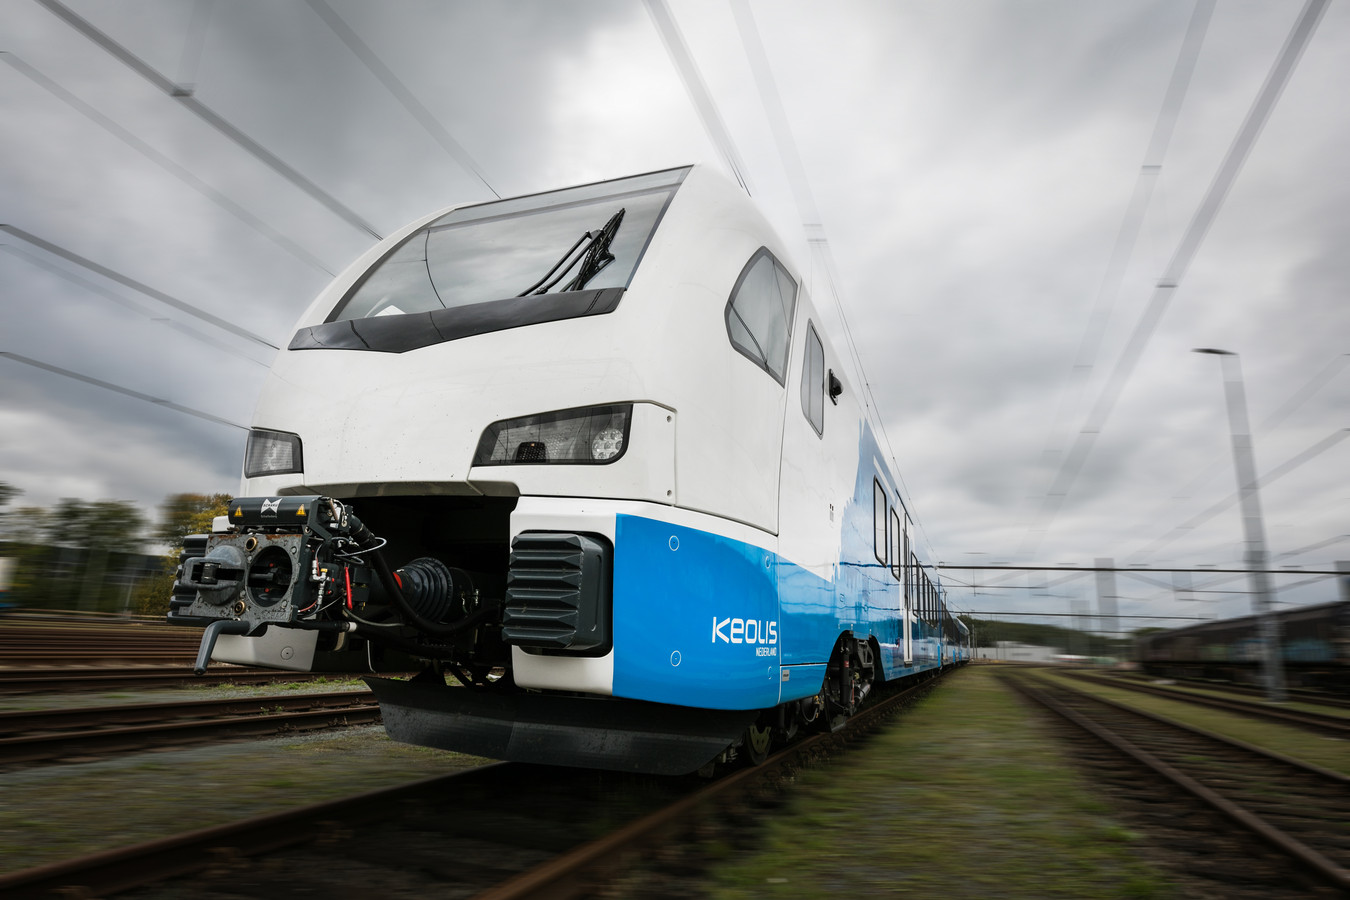 In opdracht van Keolis/Twents wordt onderzoek verricht naar de haalbaarheid van een kleinschalige vervoersdienst in Oldenzaal, waarbij uitsluitend op basis van reservering een rit kan worden gemaakt.